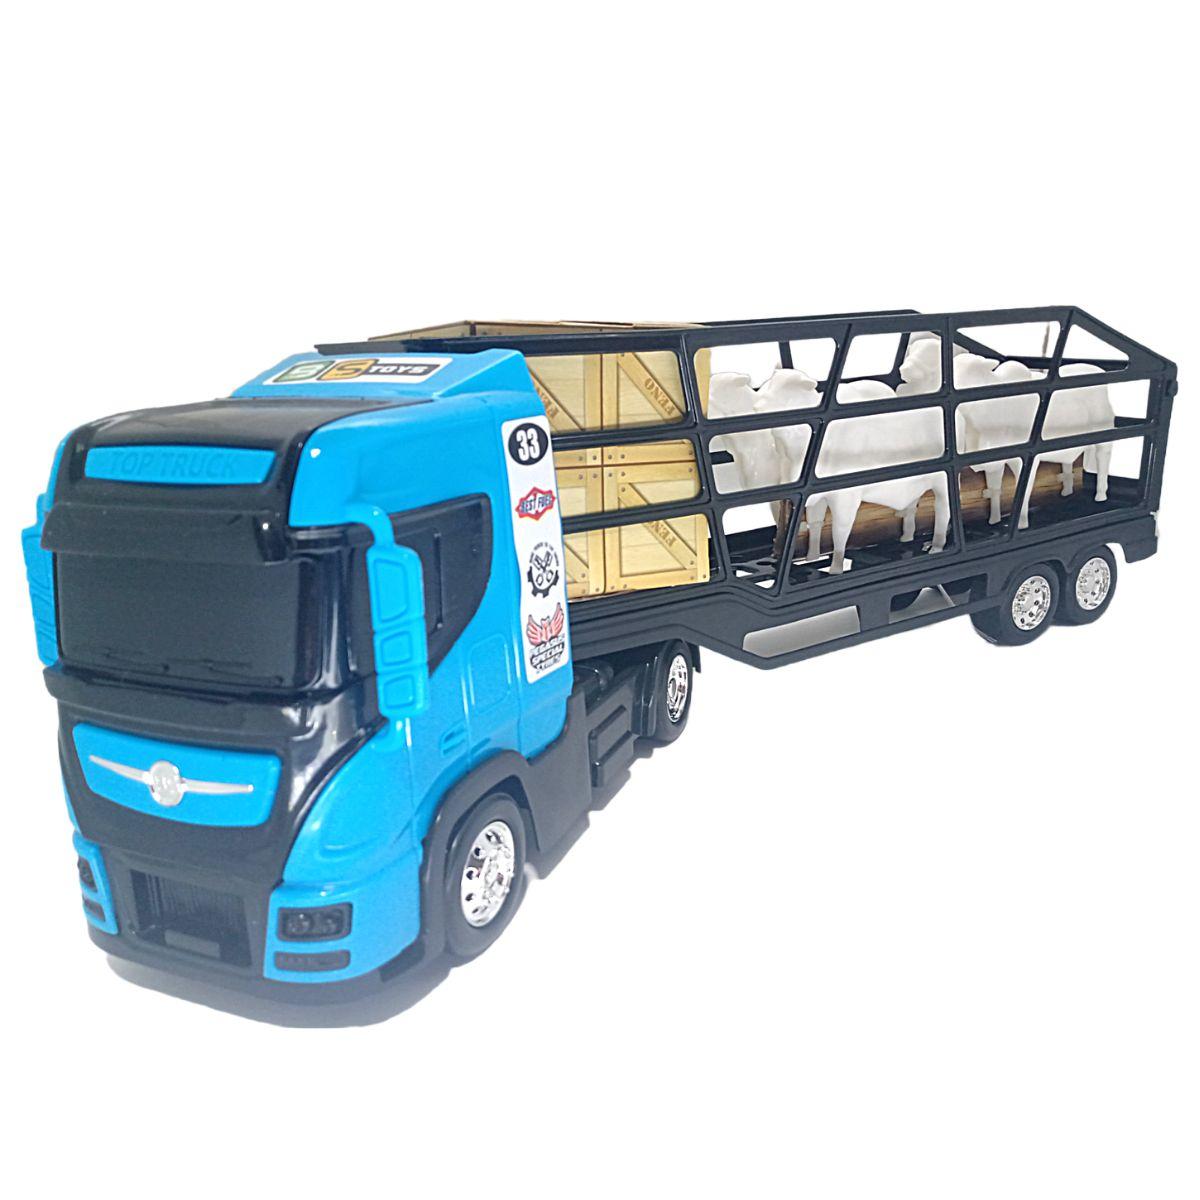 Caminhão de Brinquedo Boiadeiro Top Truck com Bois Bs toys